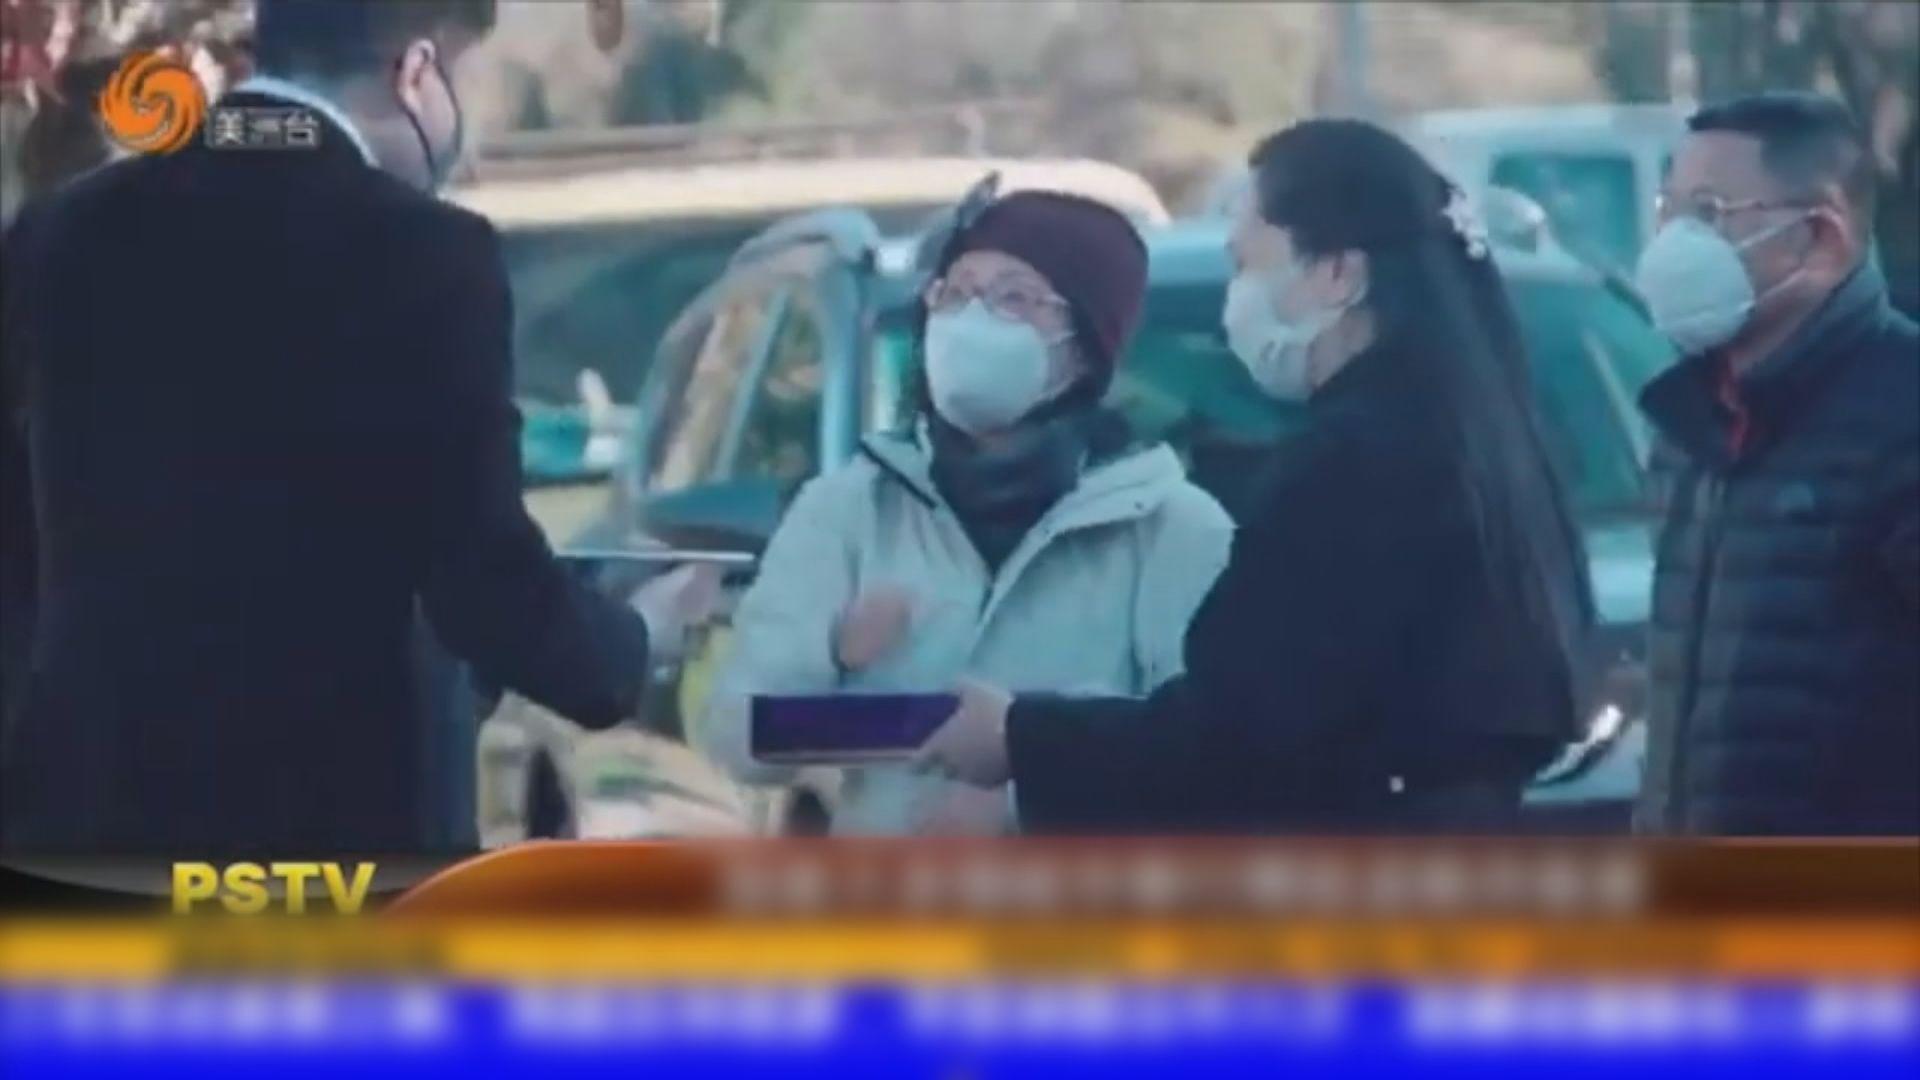 據報美司法部與孟晚舟商討延遲起訴 若承認部分控罪可獲返中國